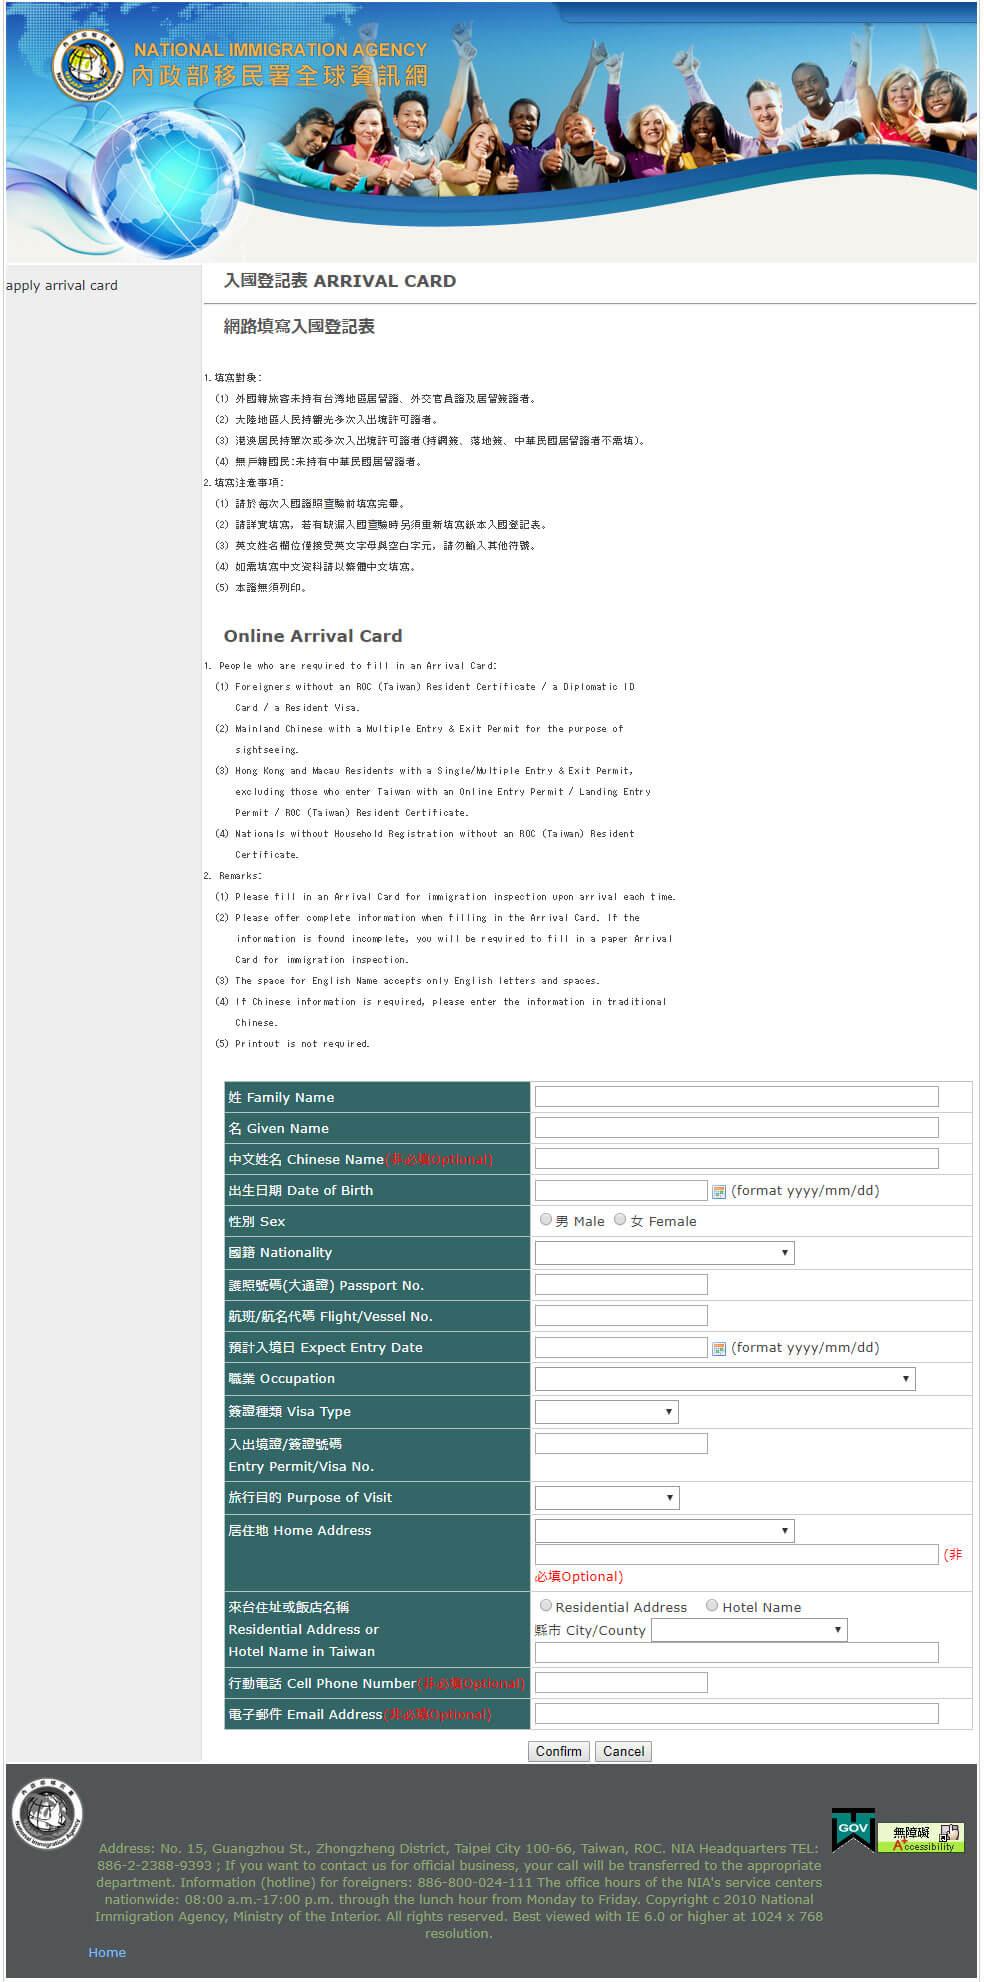 台湾 オンライン入国カード 申請フォーム